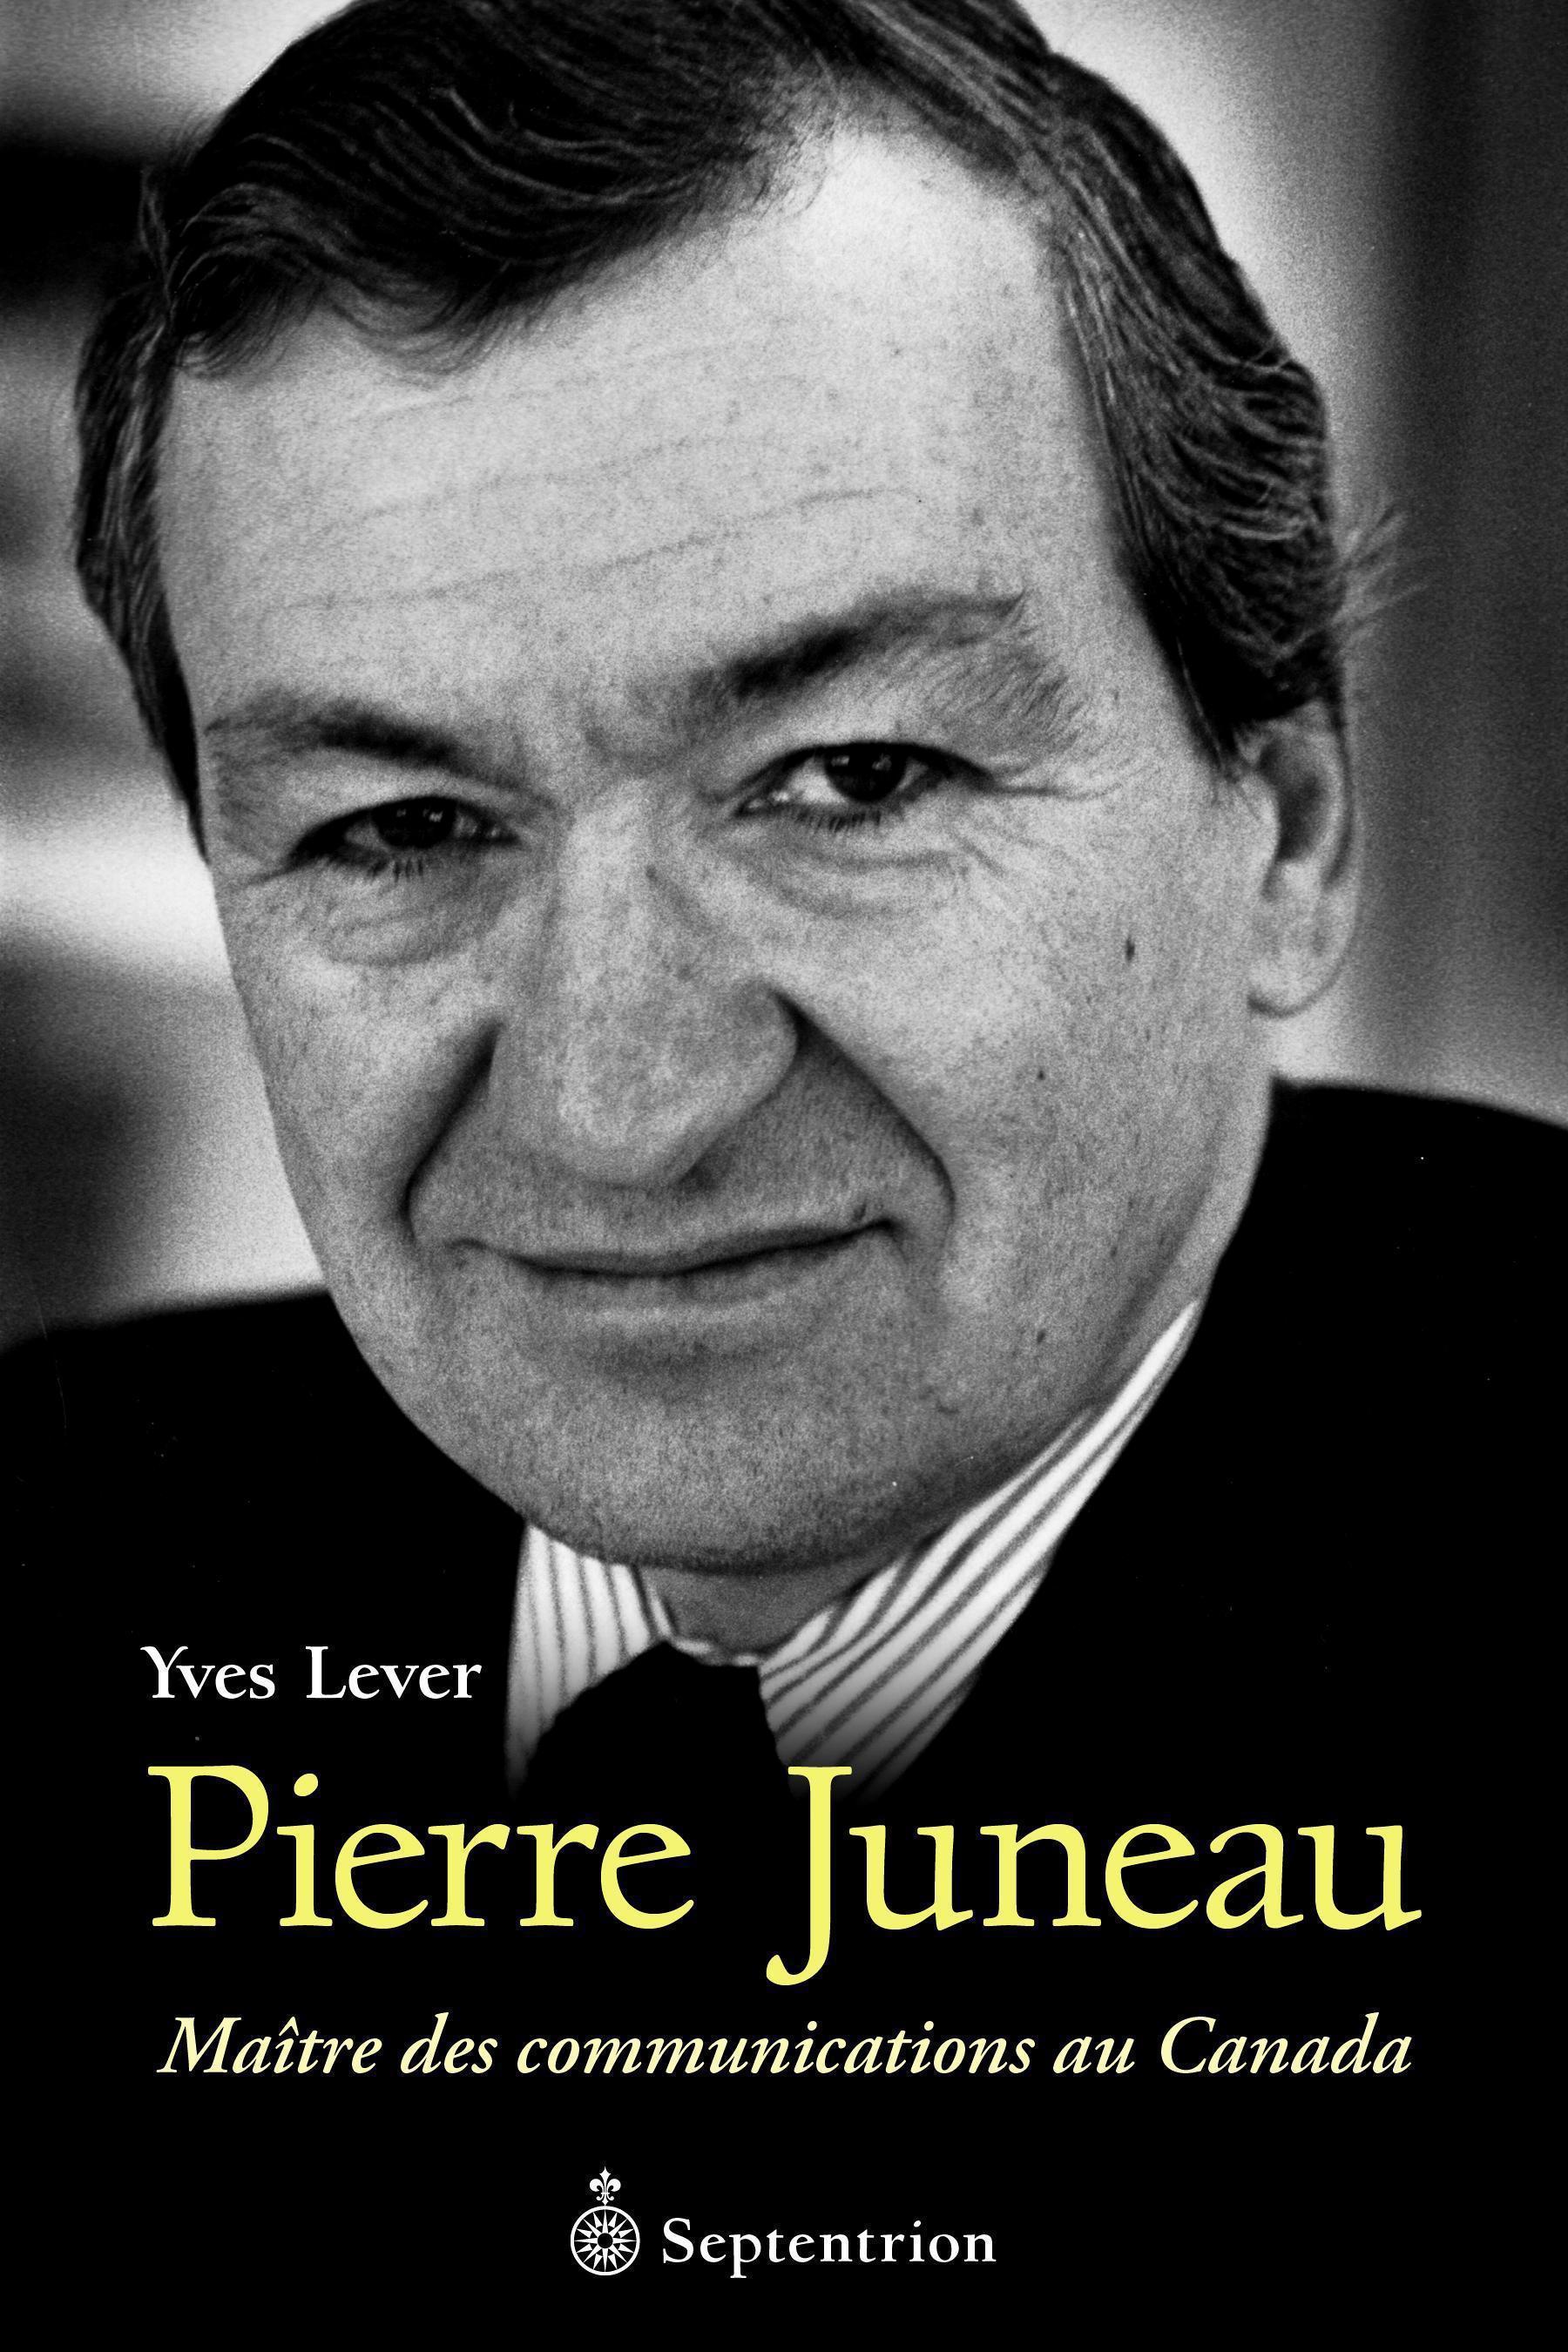 Pierre Juneau